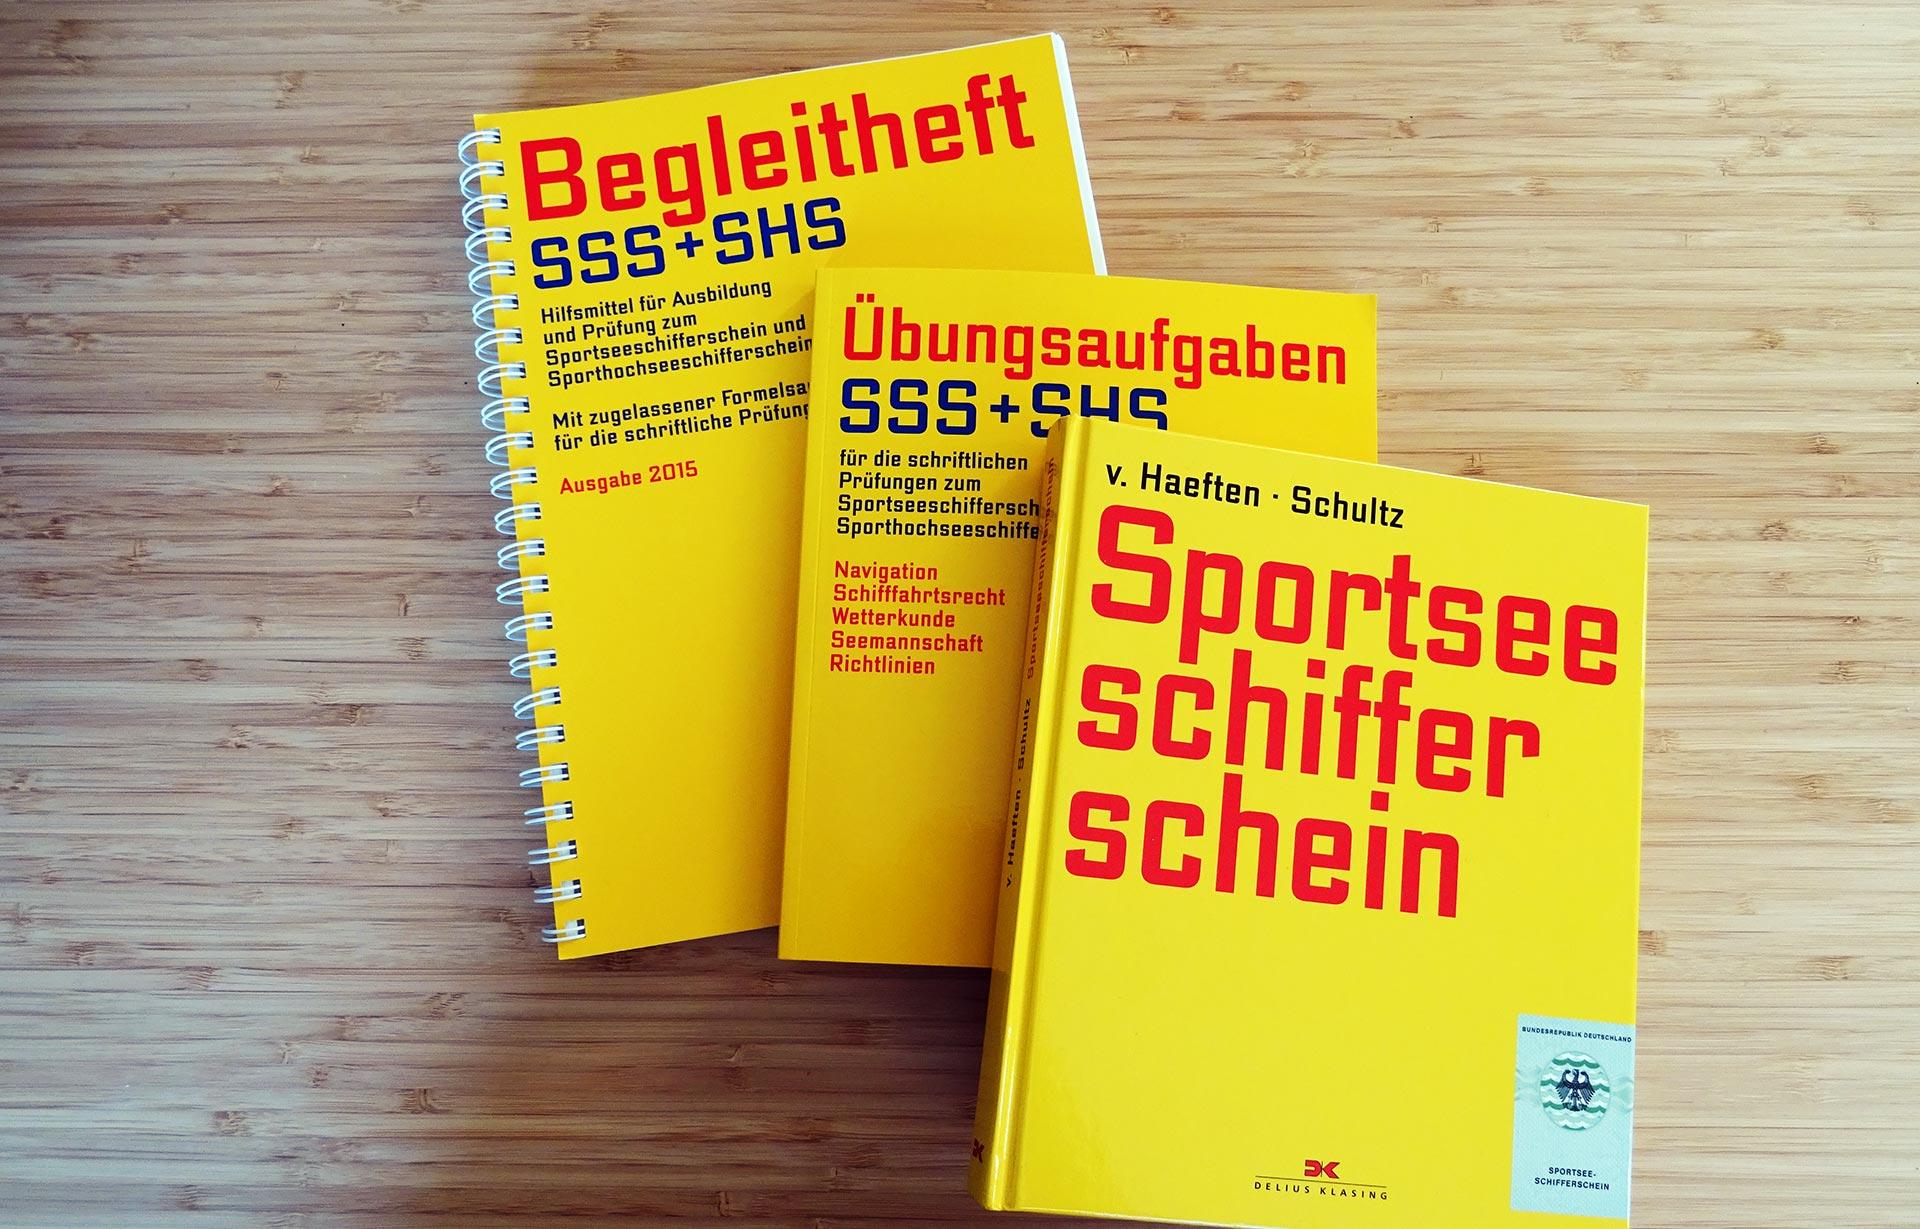 Bücher Begleitheft SSS und SHS Sportseeschifferschein Sporthochseeschifferschein Buch